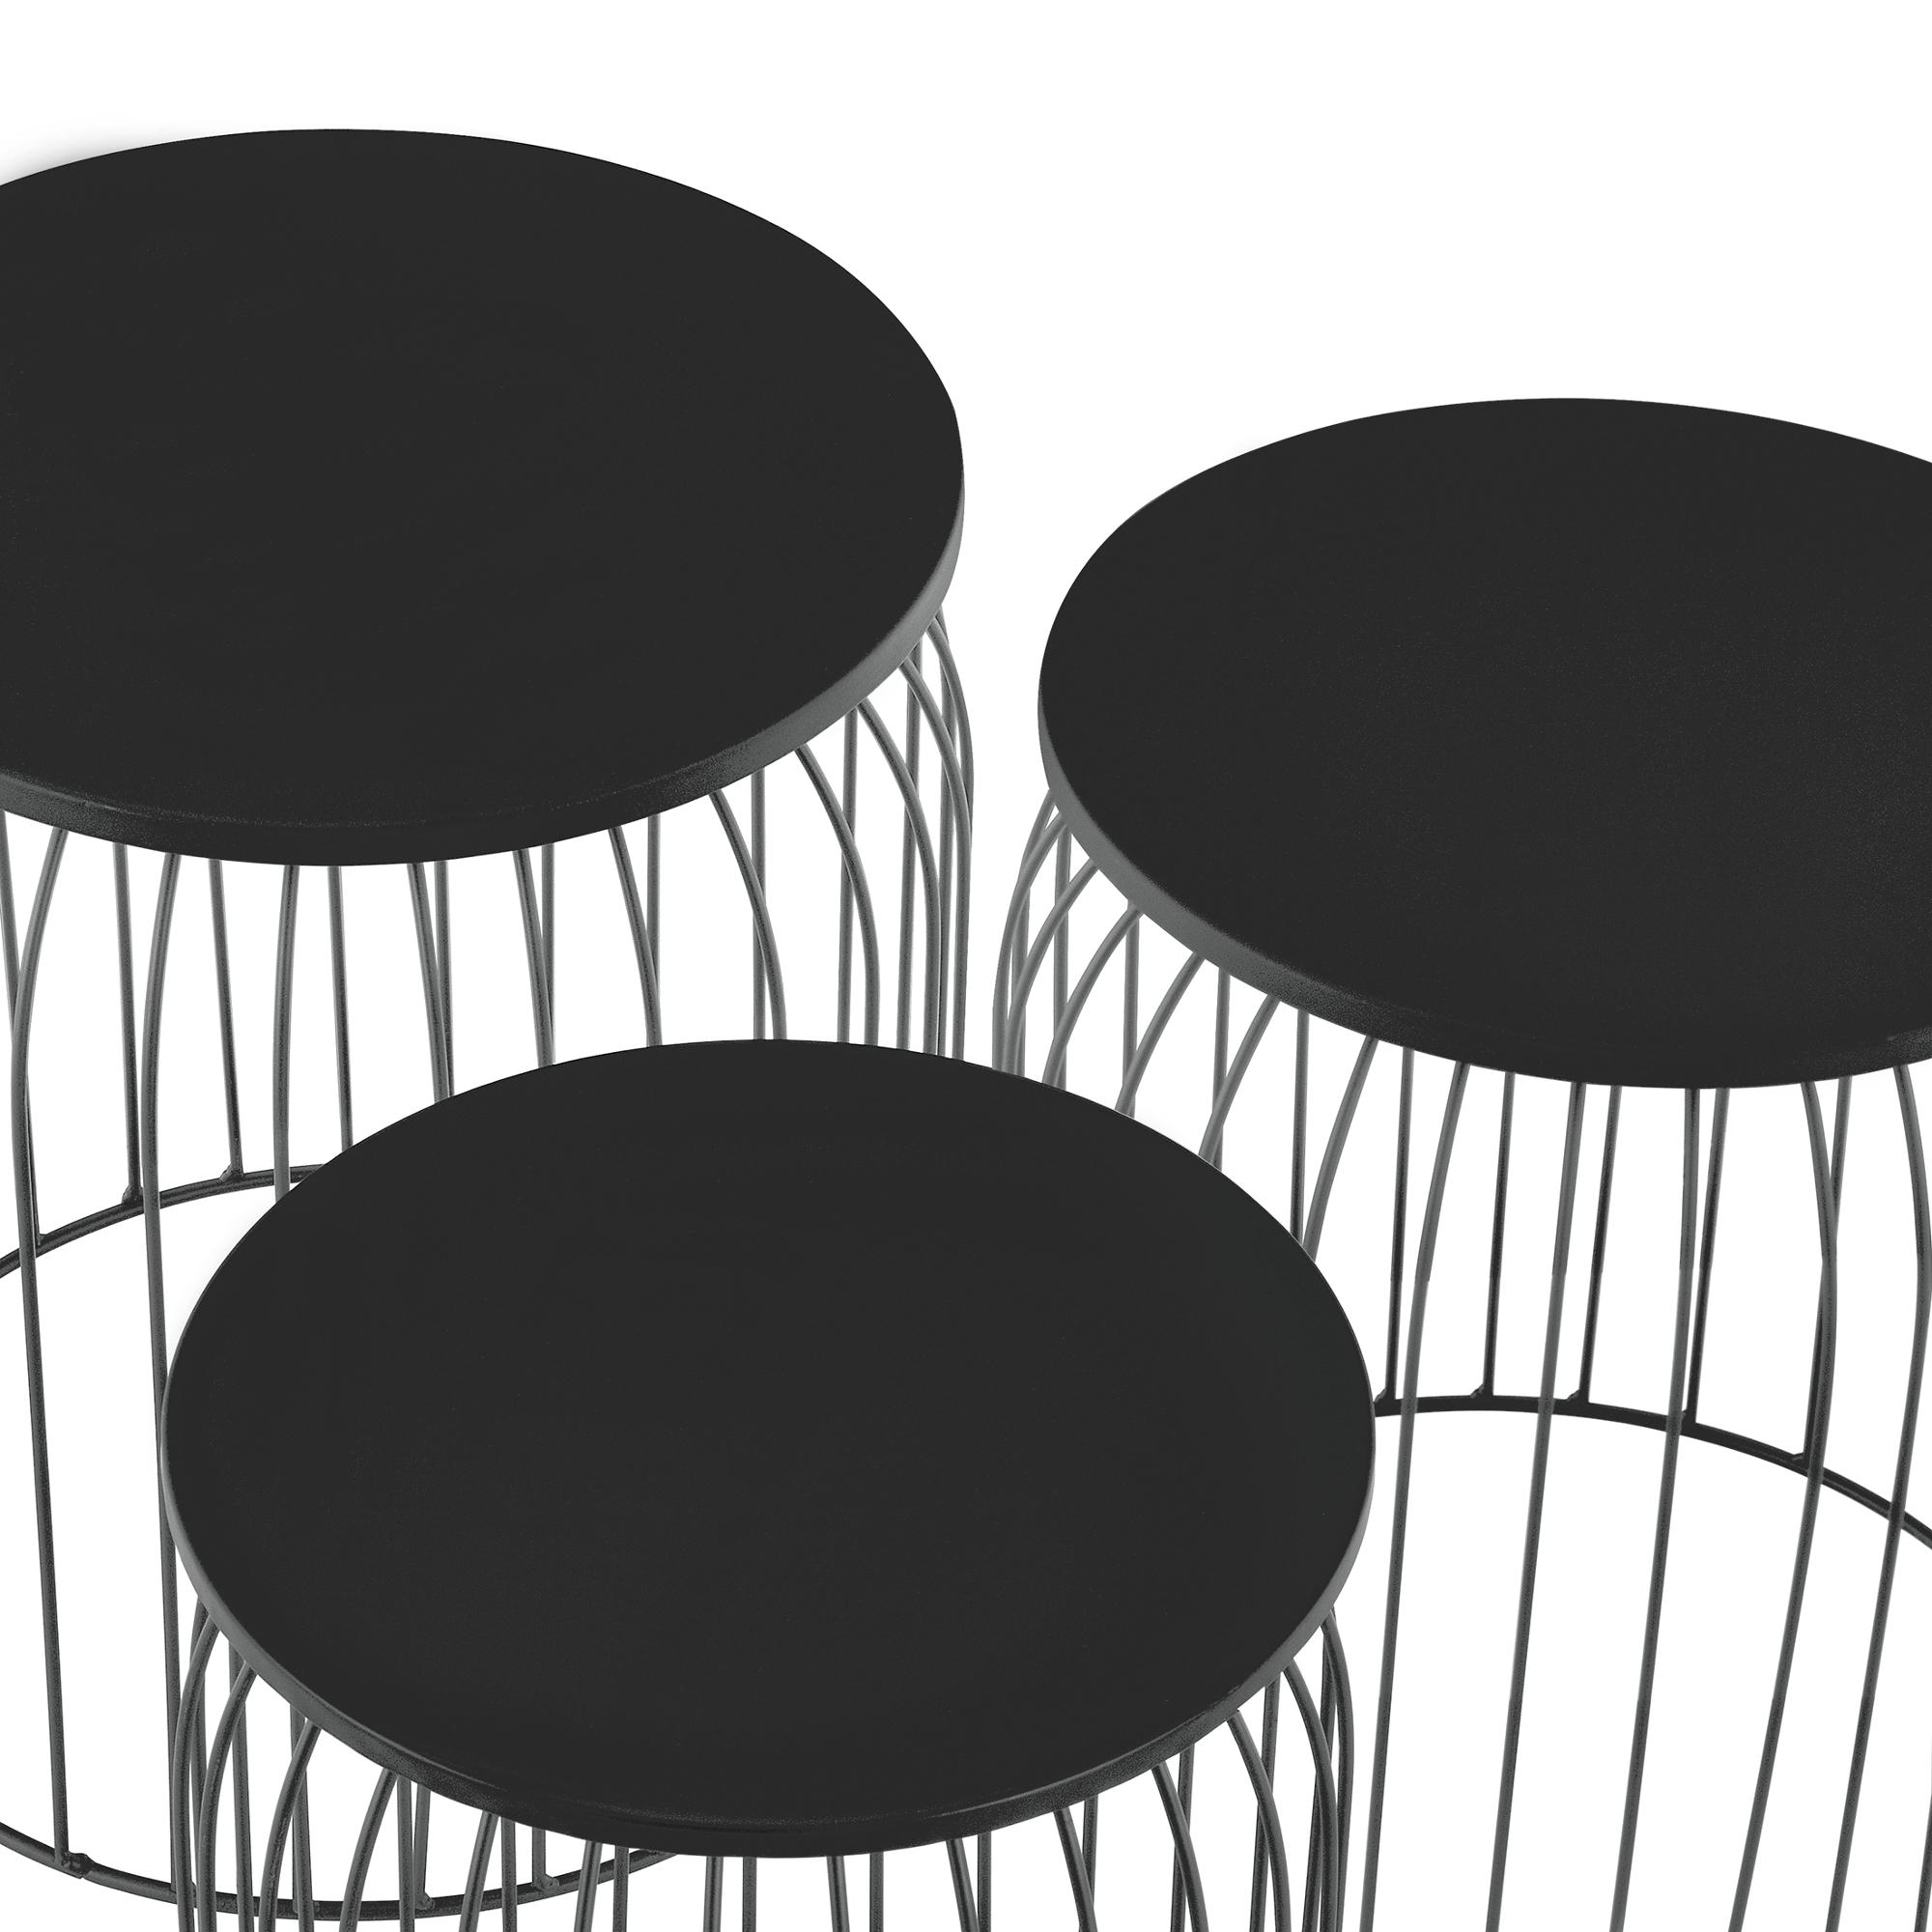 metallkorb beistelltisch couchtisch sofatisch 3er set deko dunkelgrau ebay. Black Bedroom Furniture Sets. Home Design Ideas